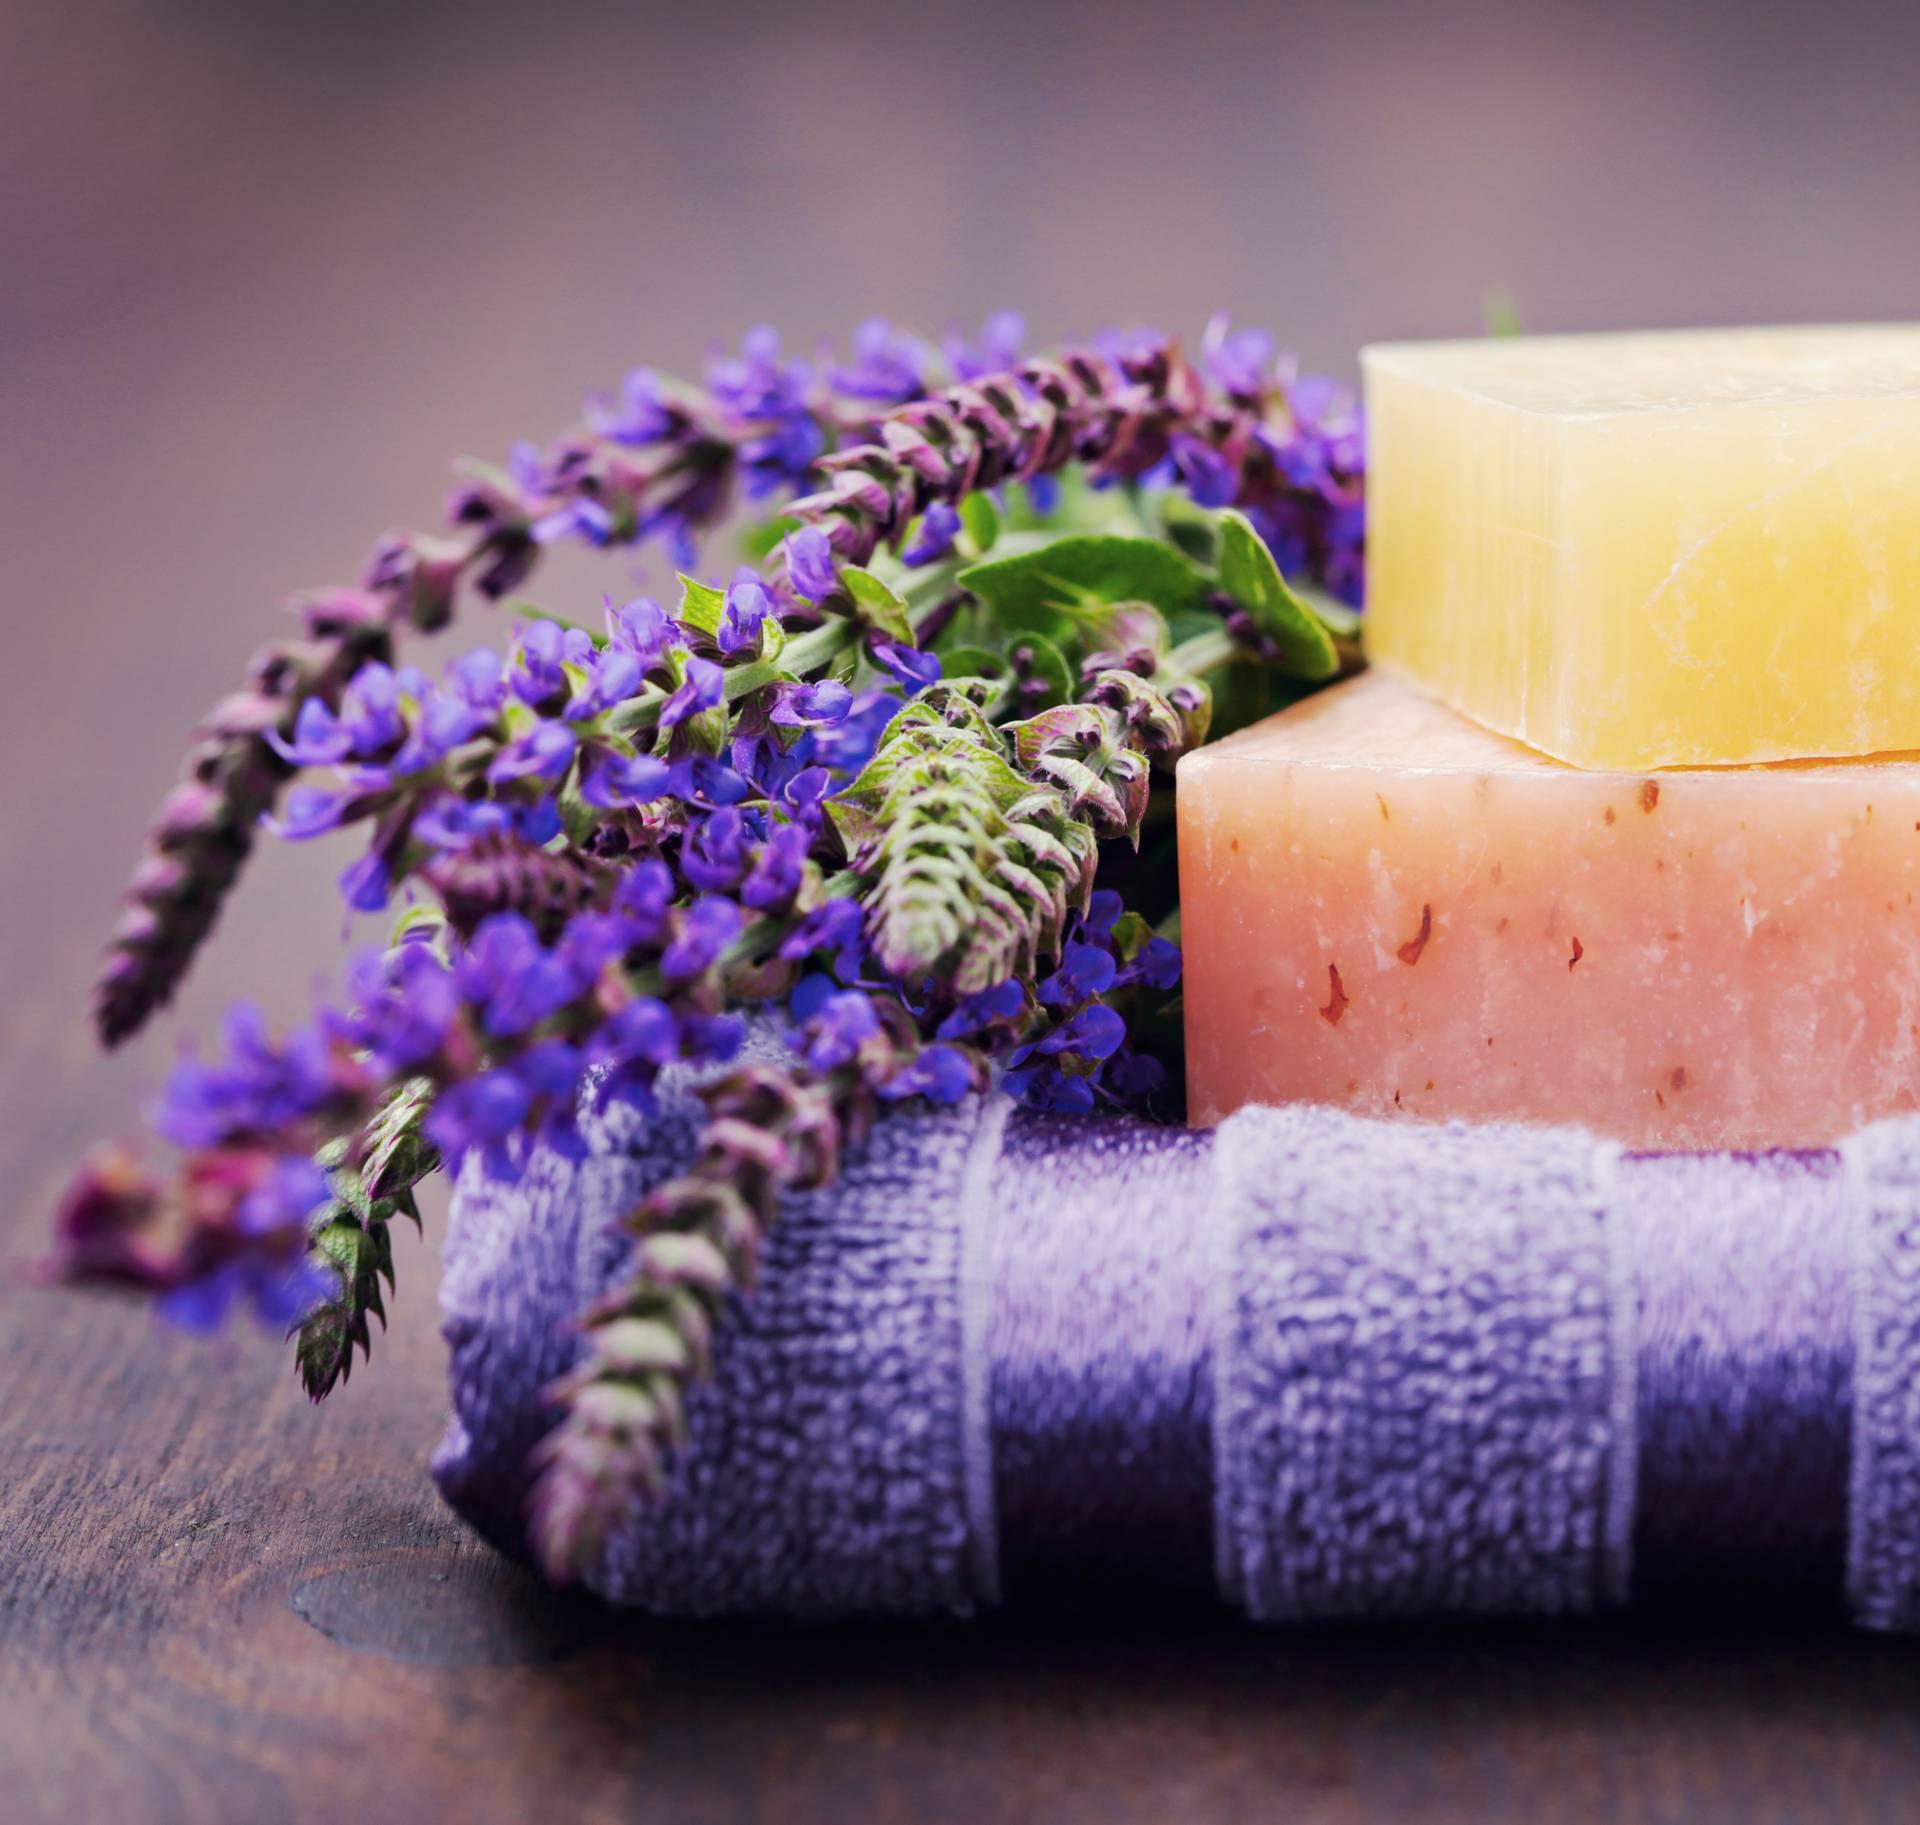 Sve je započelo sa sapunom: Širi se područje krutih formula za higijenu i njegu lica i tijela